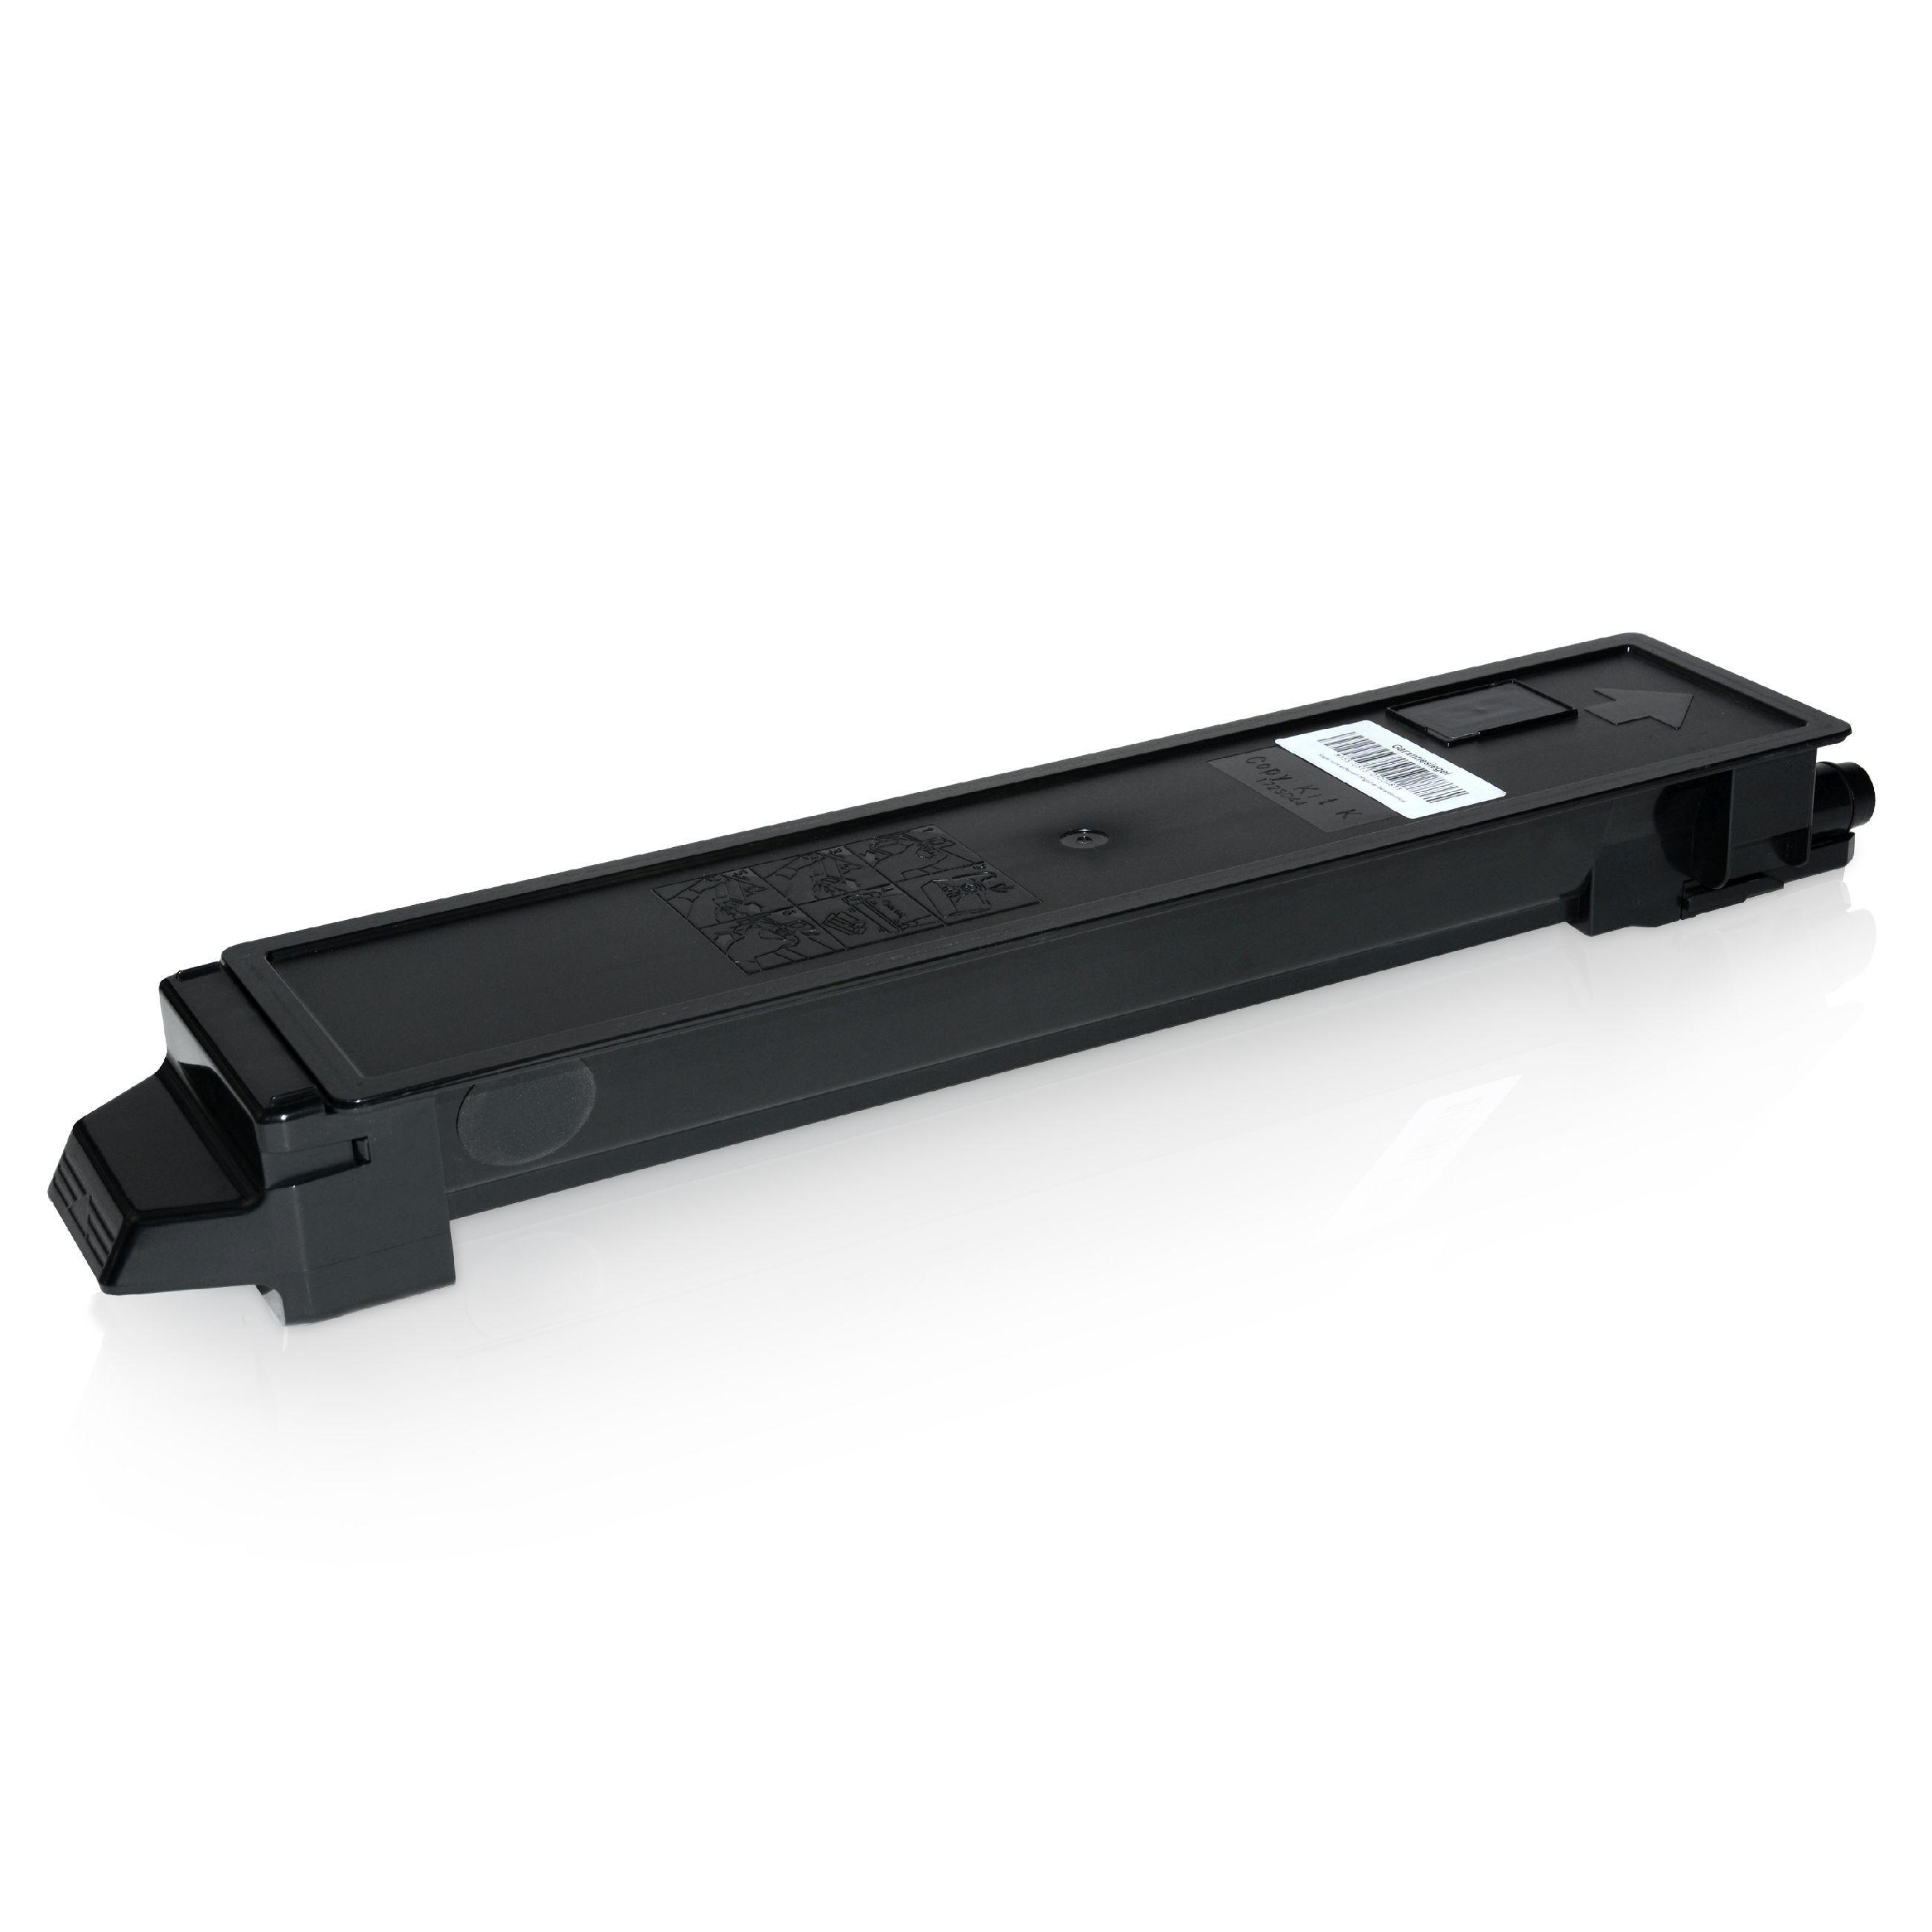 Utax Cartouche de Toner pour Utax 652511010 noir compatible (de marque ASC)